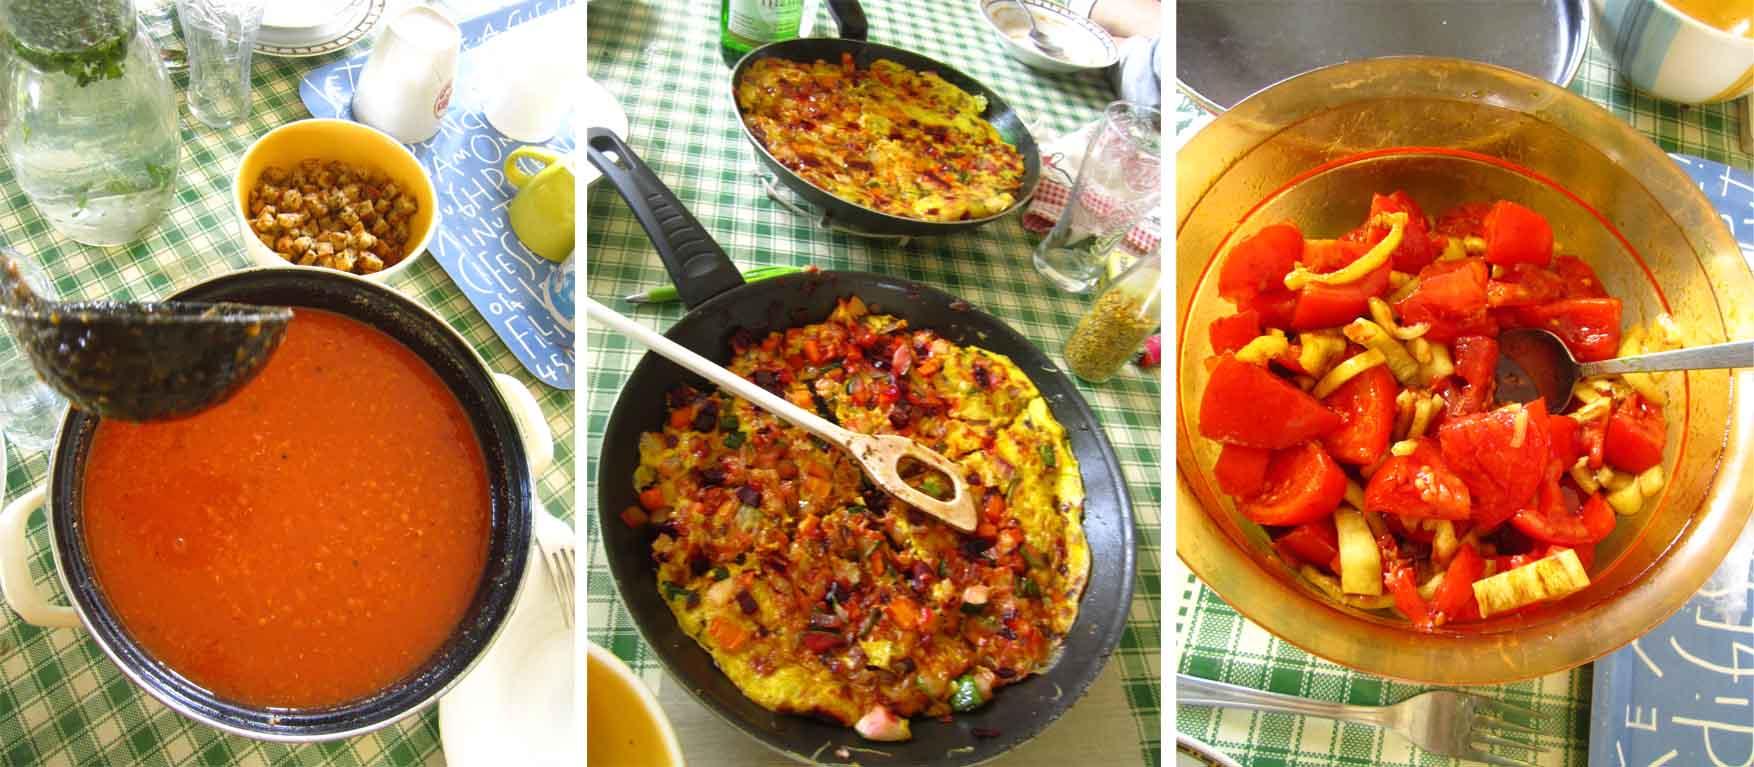 21 mORA 2015 Vinkov rucak No2 corba od leblebija fritata salata